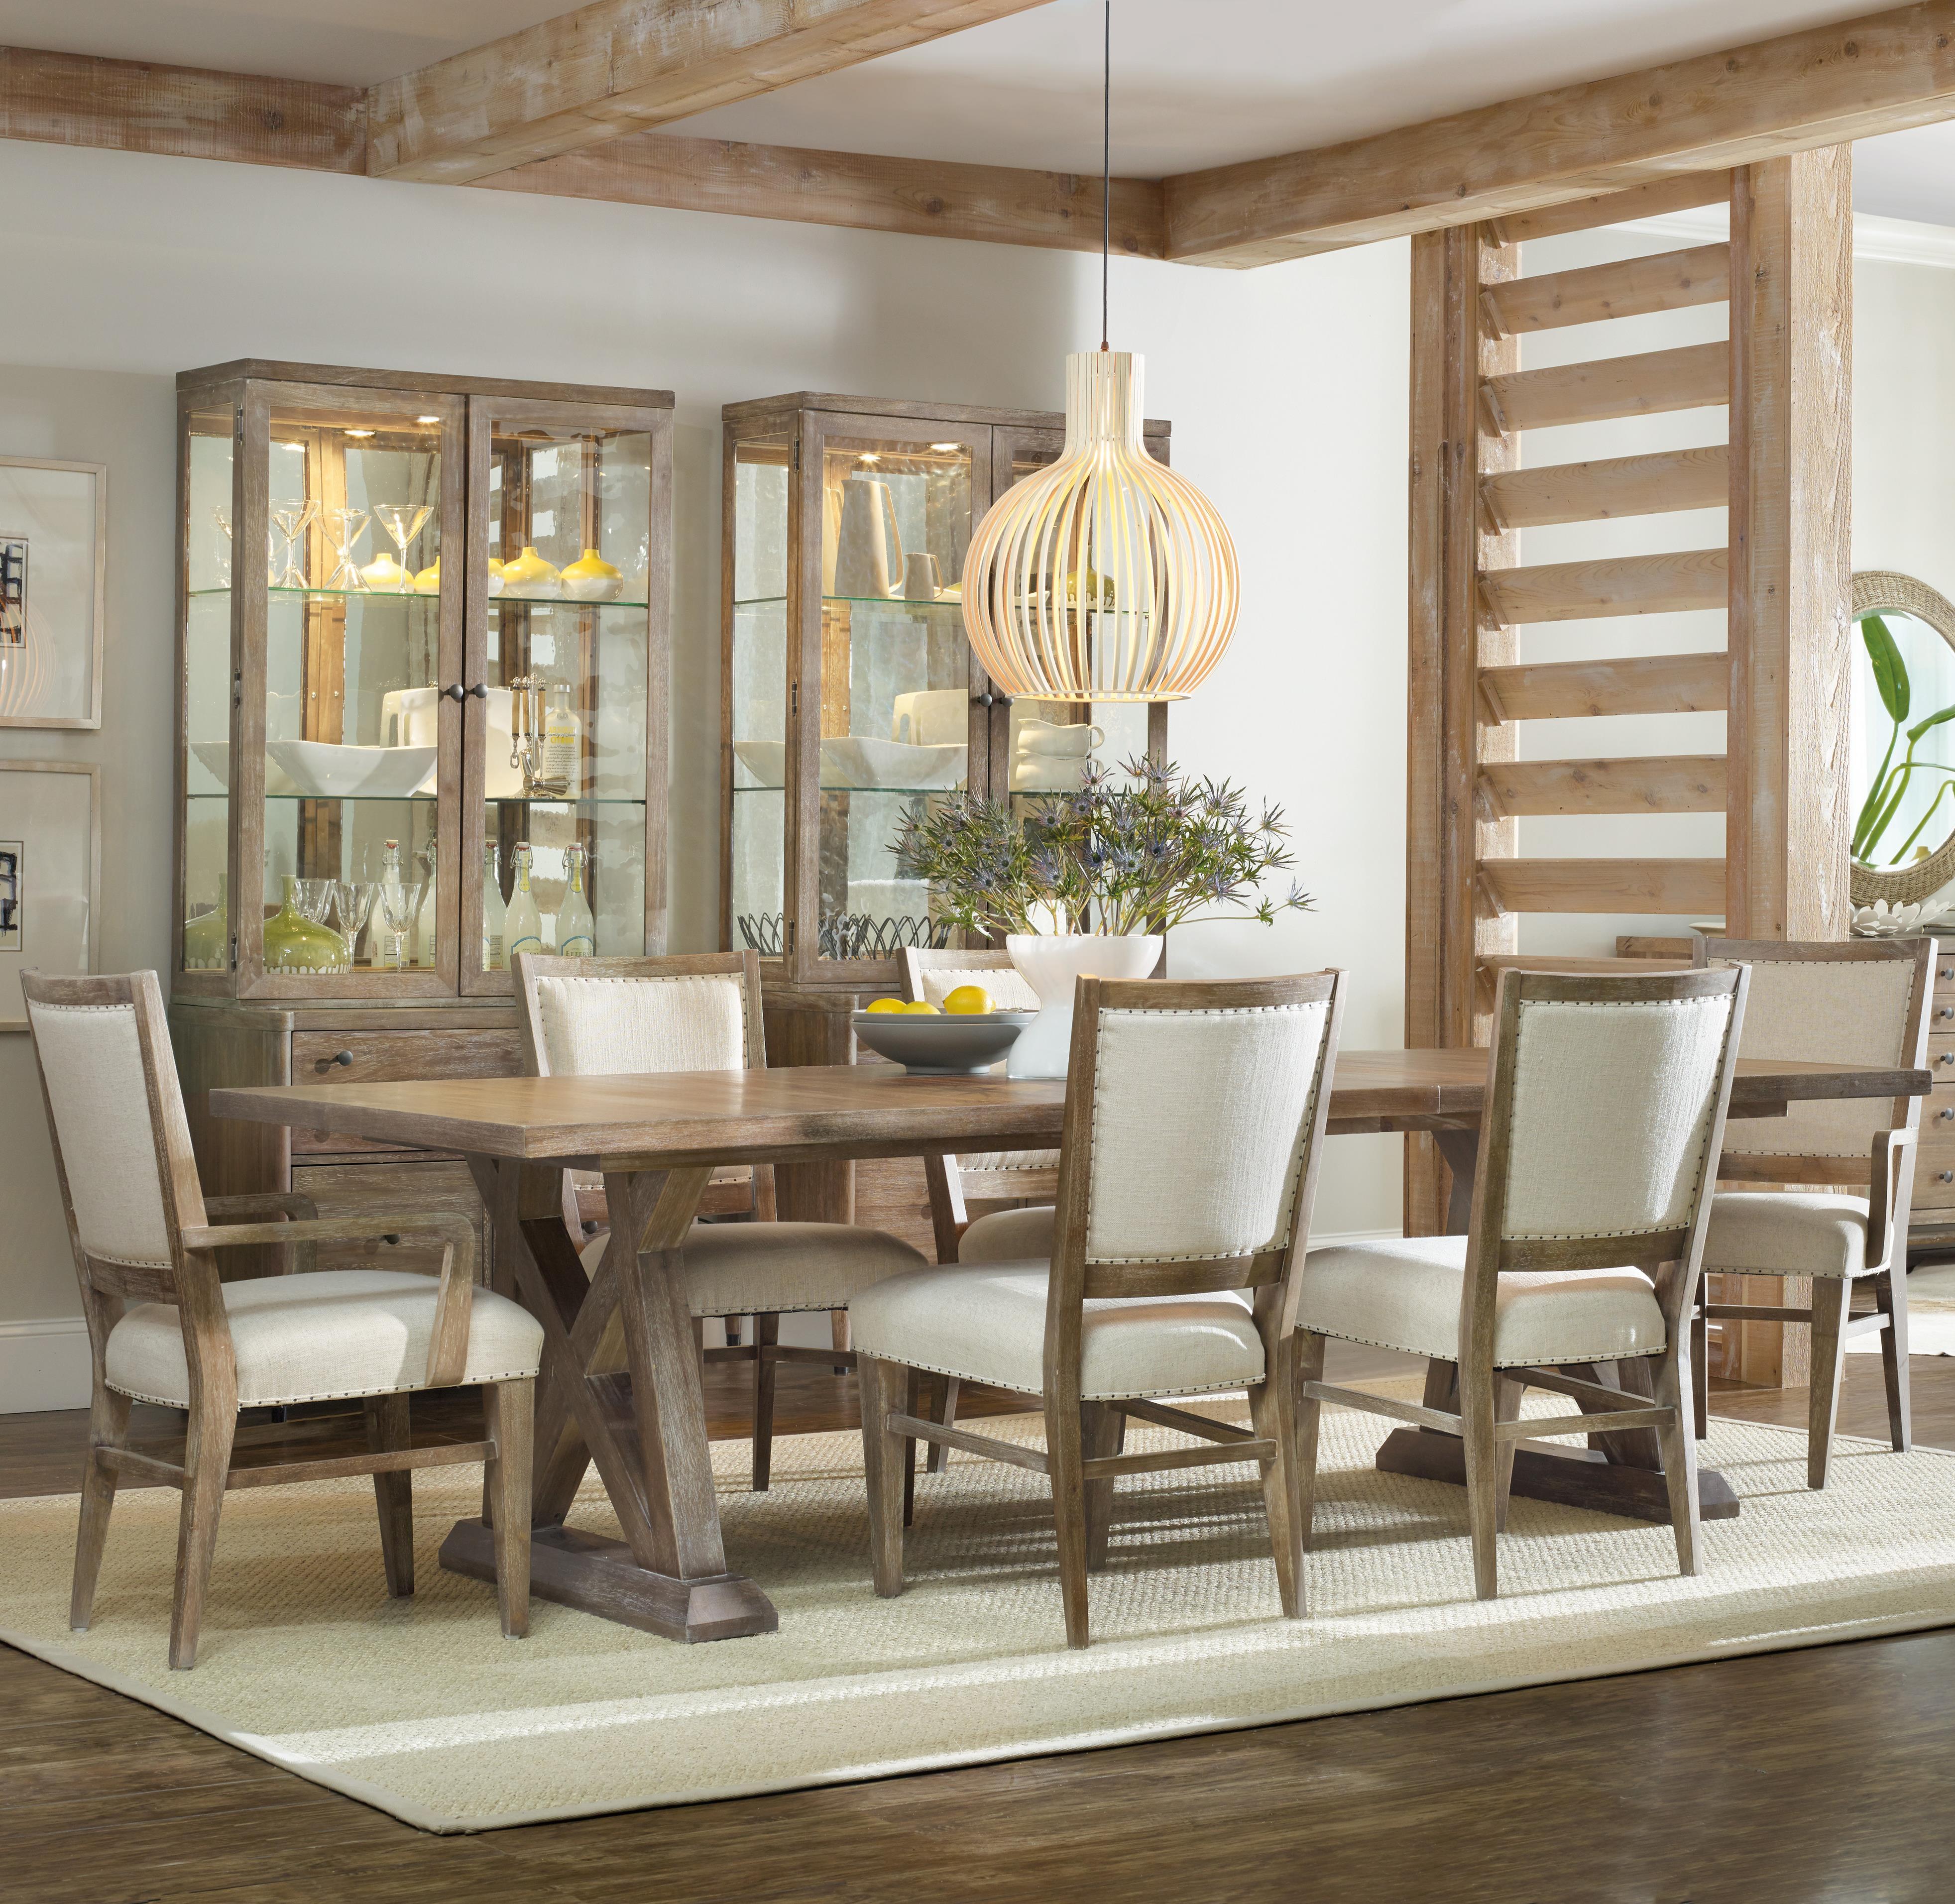 Hooker Furniture Studio 7H 7 Piece Dining Set   Item Number: 5382 75207+